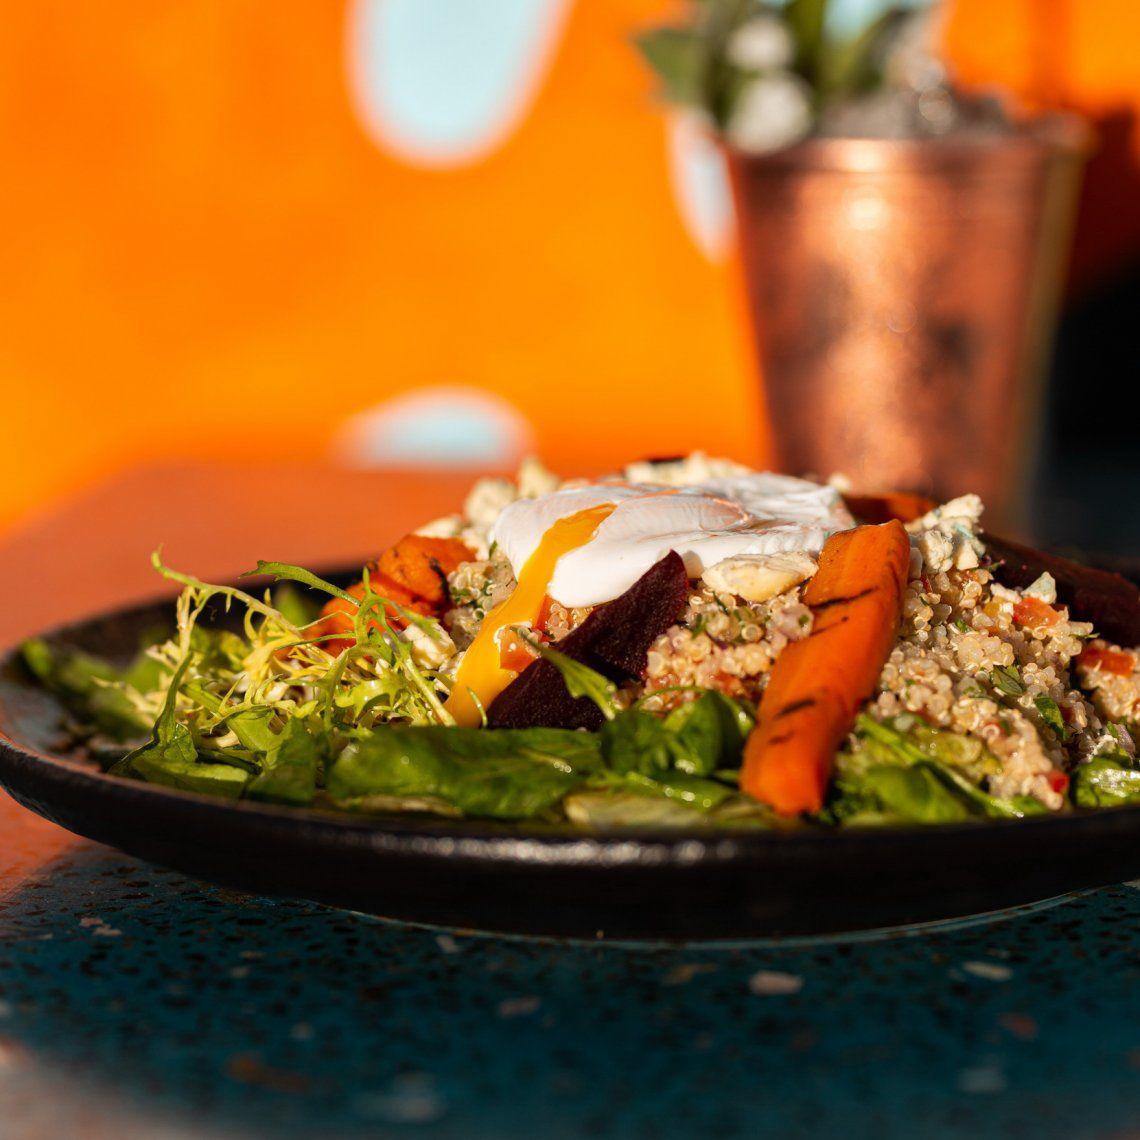 Ensalada de quinoa, mix de verdes, queso azul y huevo soft